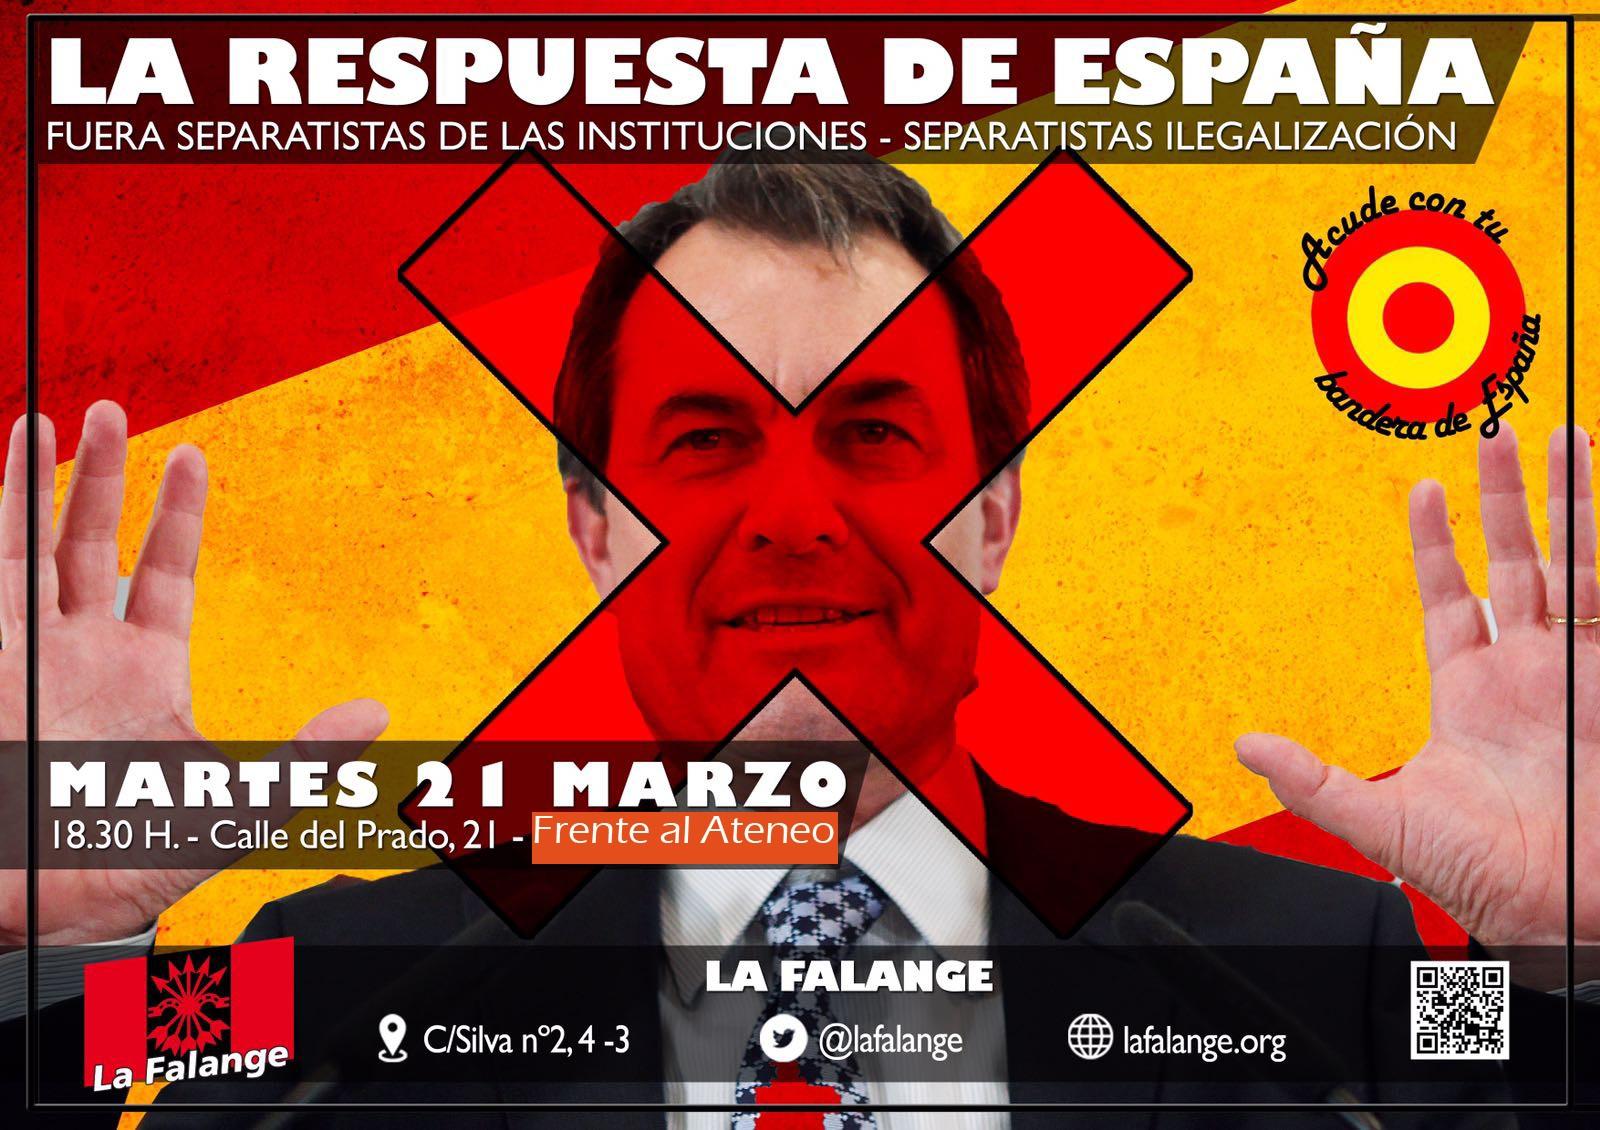 21 de Marzo a las 18:30 horas Calle Prado, 21 frente al Ateneo de Madrid, la respuesta de España ante la llegada de Artur Mas a esa institución.